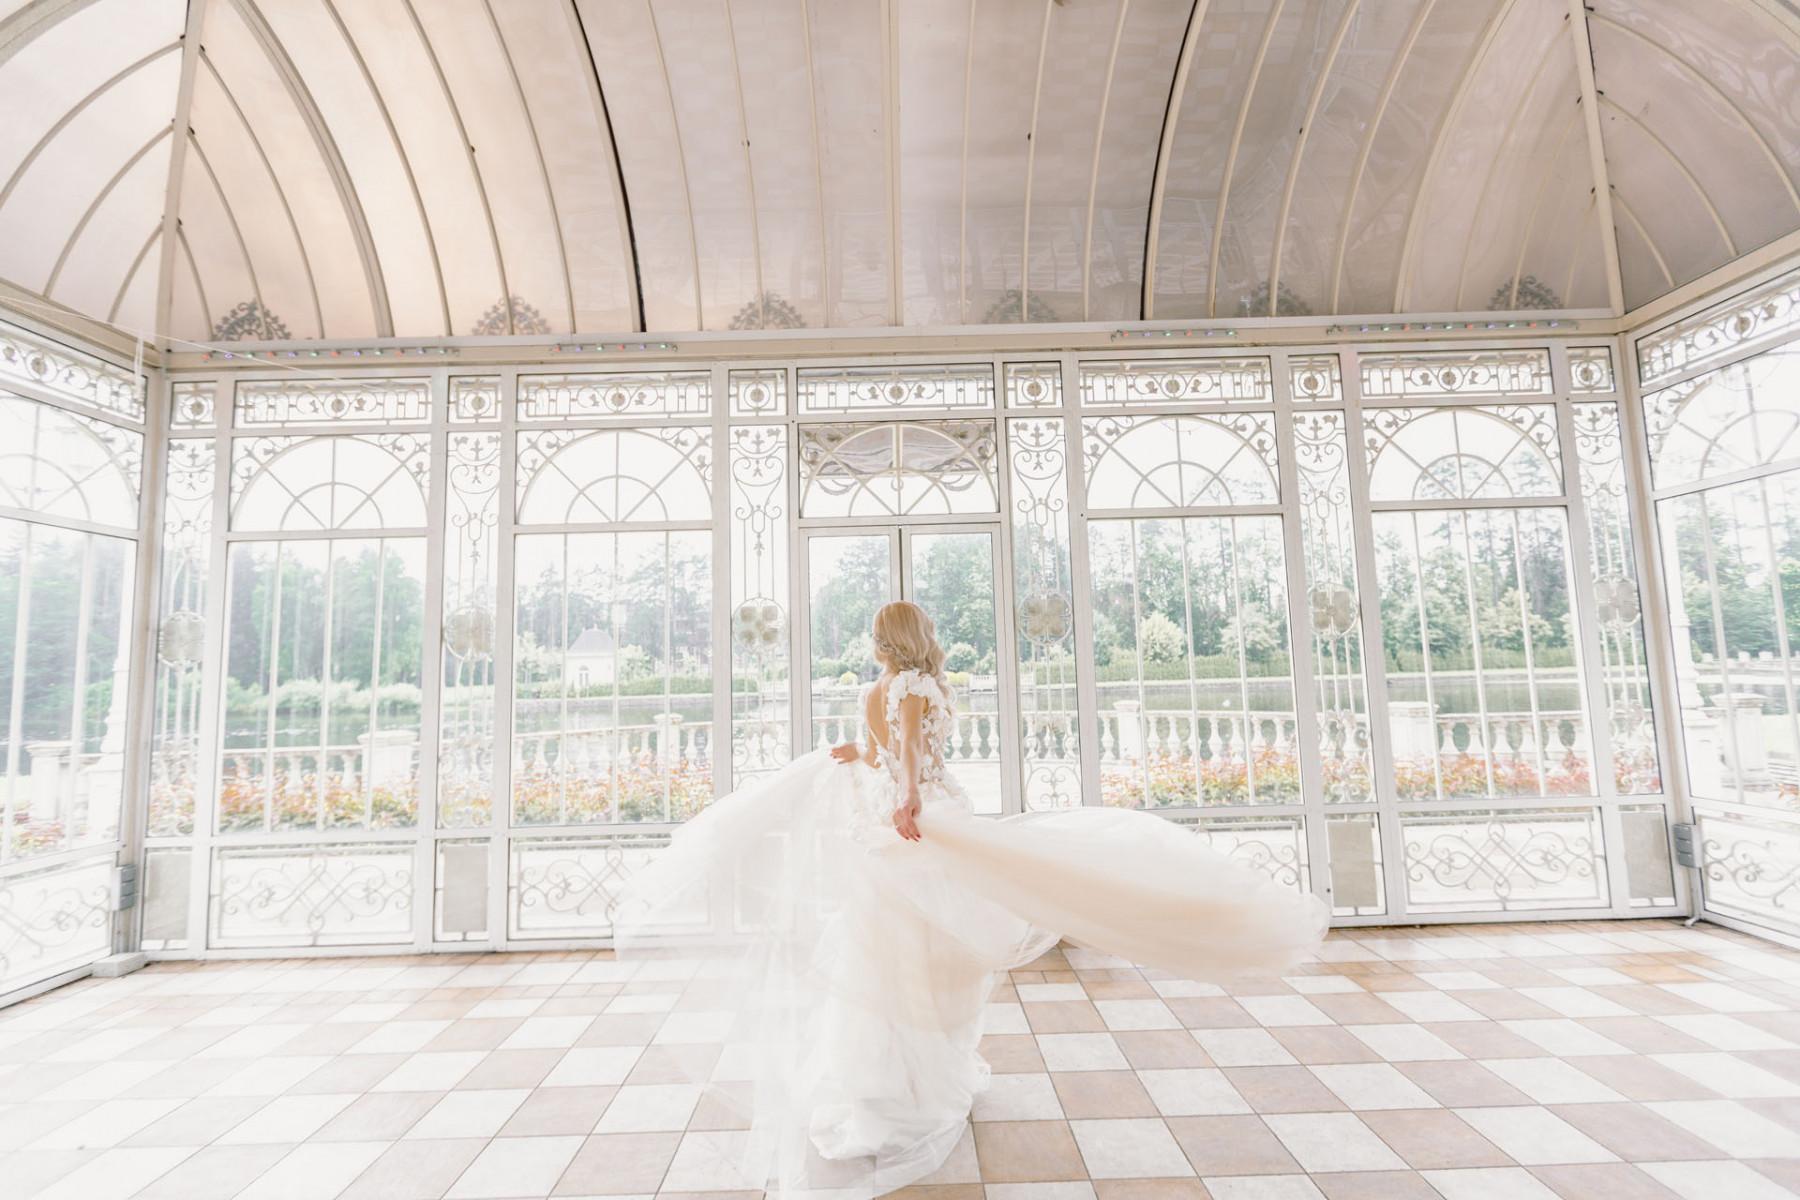 Нити судьбы: нестандартная идея для летней свадьбы